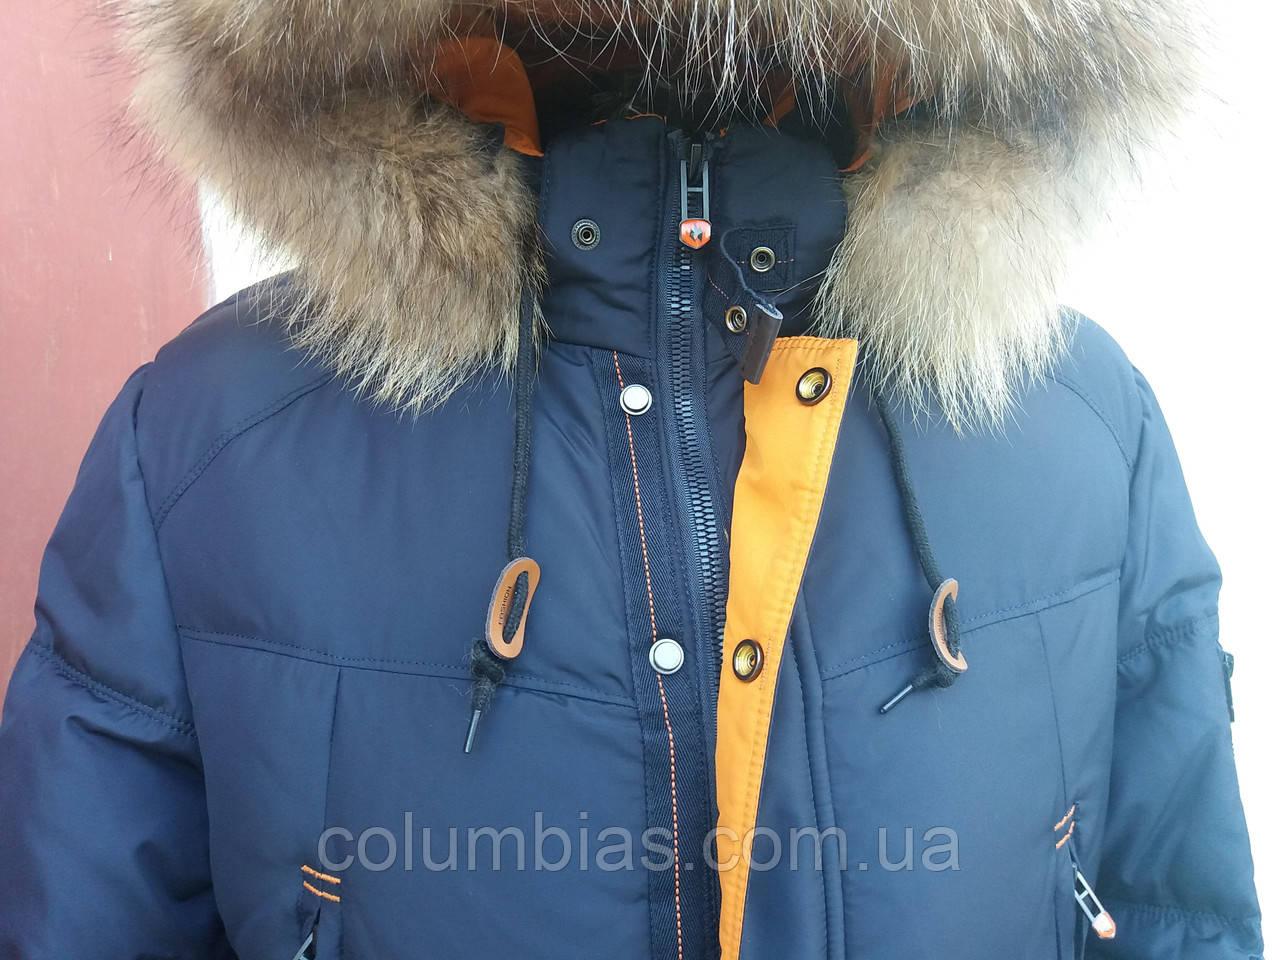 Зимняя мужская удлинённая куртка аляска - ВЕСЬ ТОВАР В НАЛИЧИИ. ЗВОНИТЕ В ЛЮБОЕ  ВРЕМЯ ! 17f2bffff44